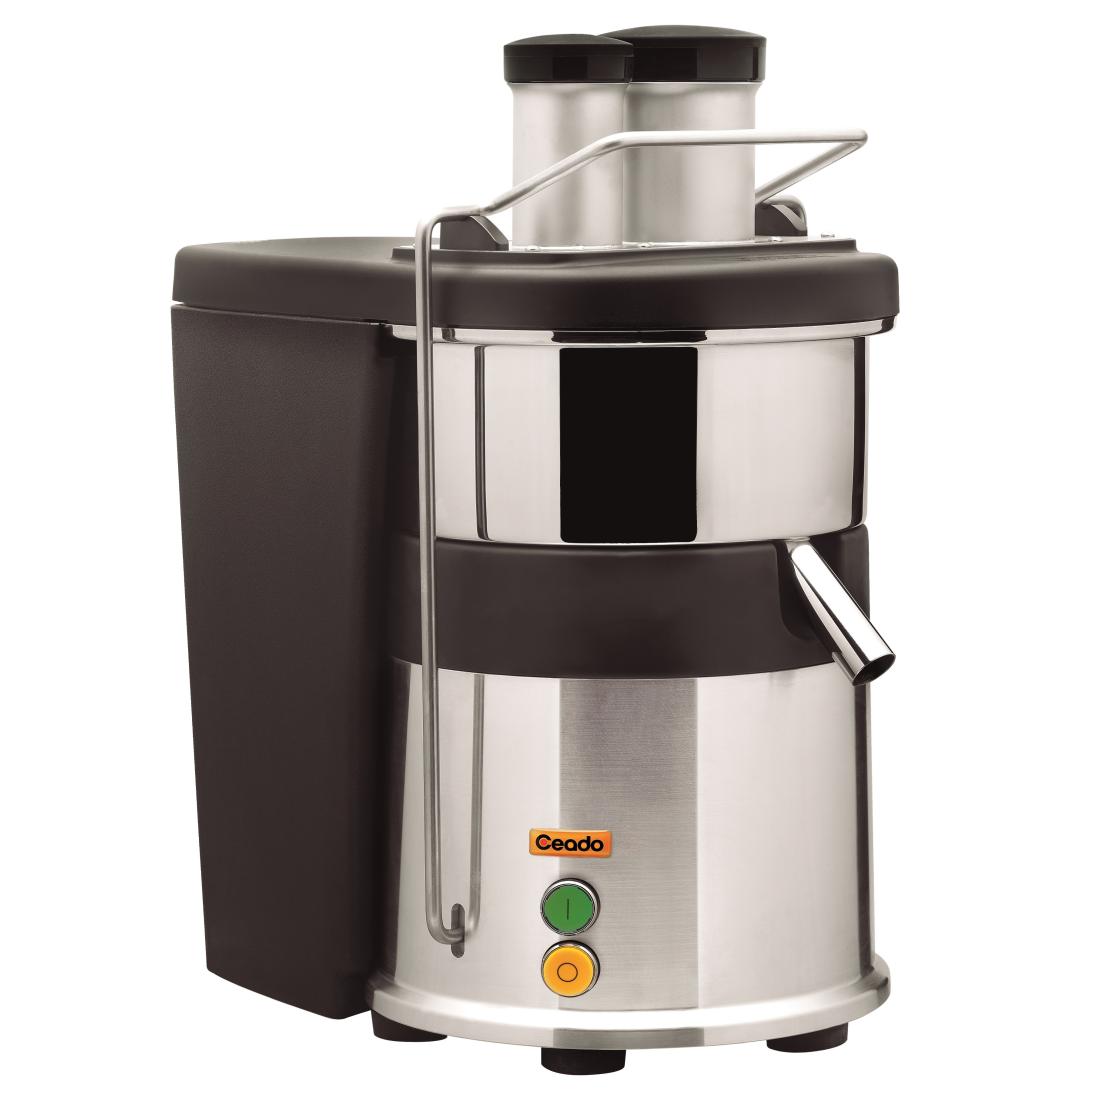 Ceado ES700 Commercial Centrifugal Juicer